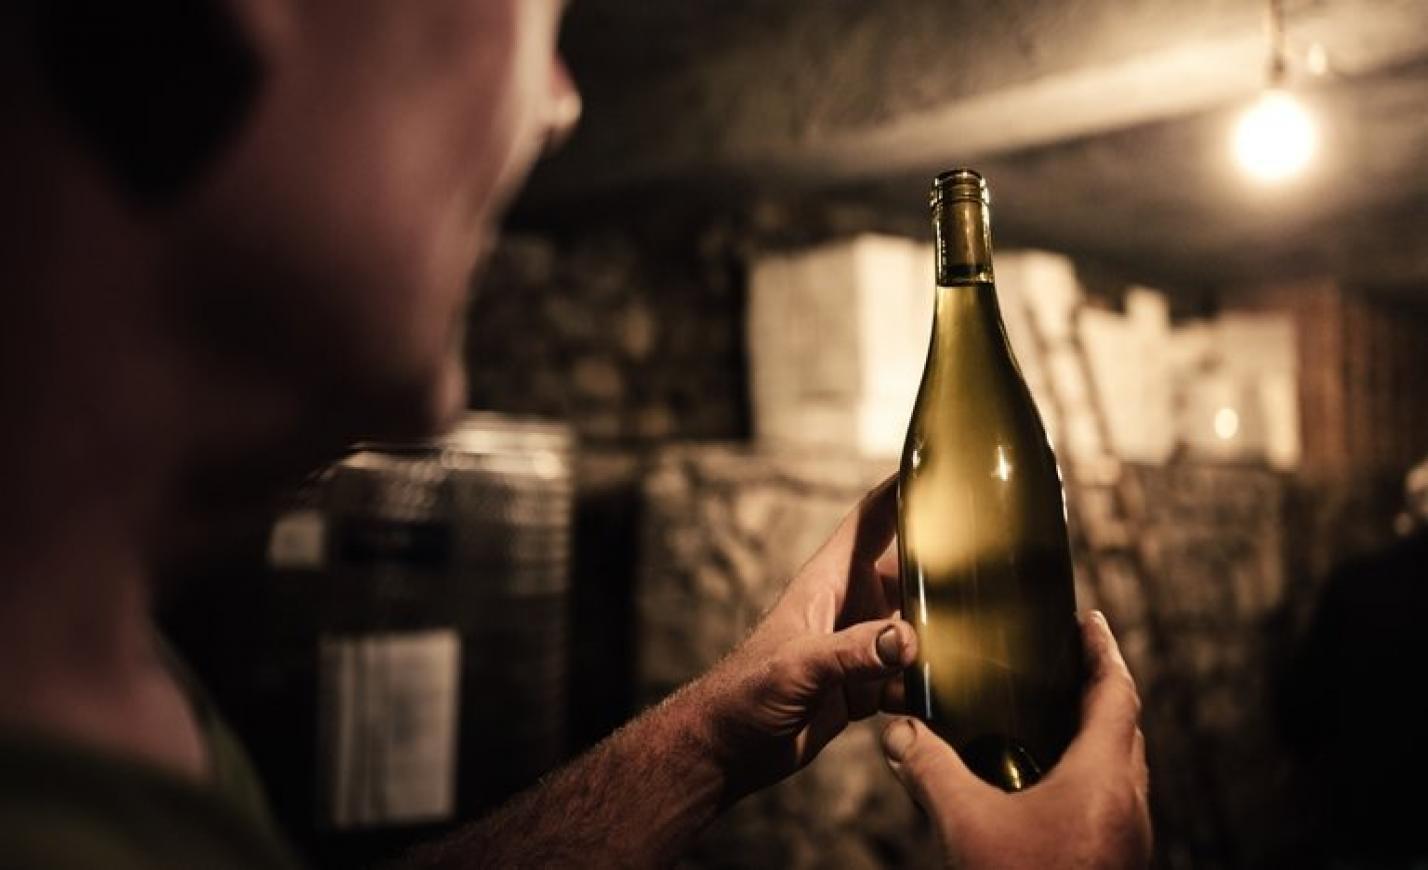 Baj van a magyar borokkal, az ellenőrök szerint még a moldovai is jobb